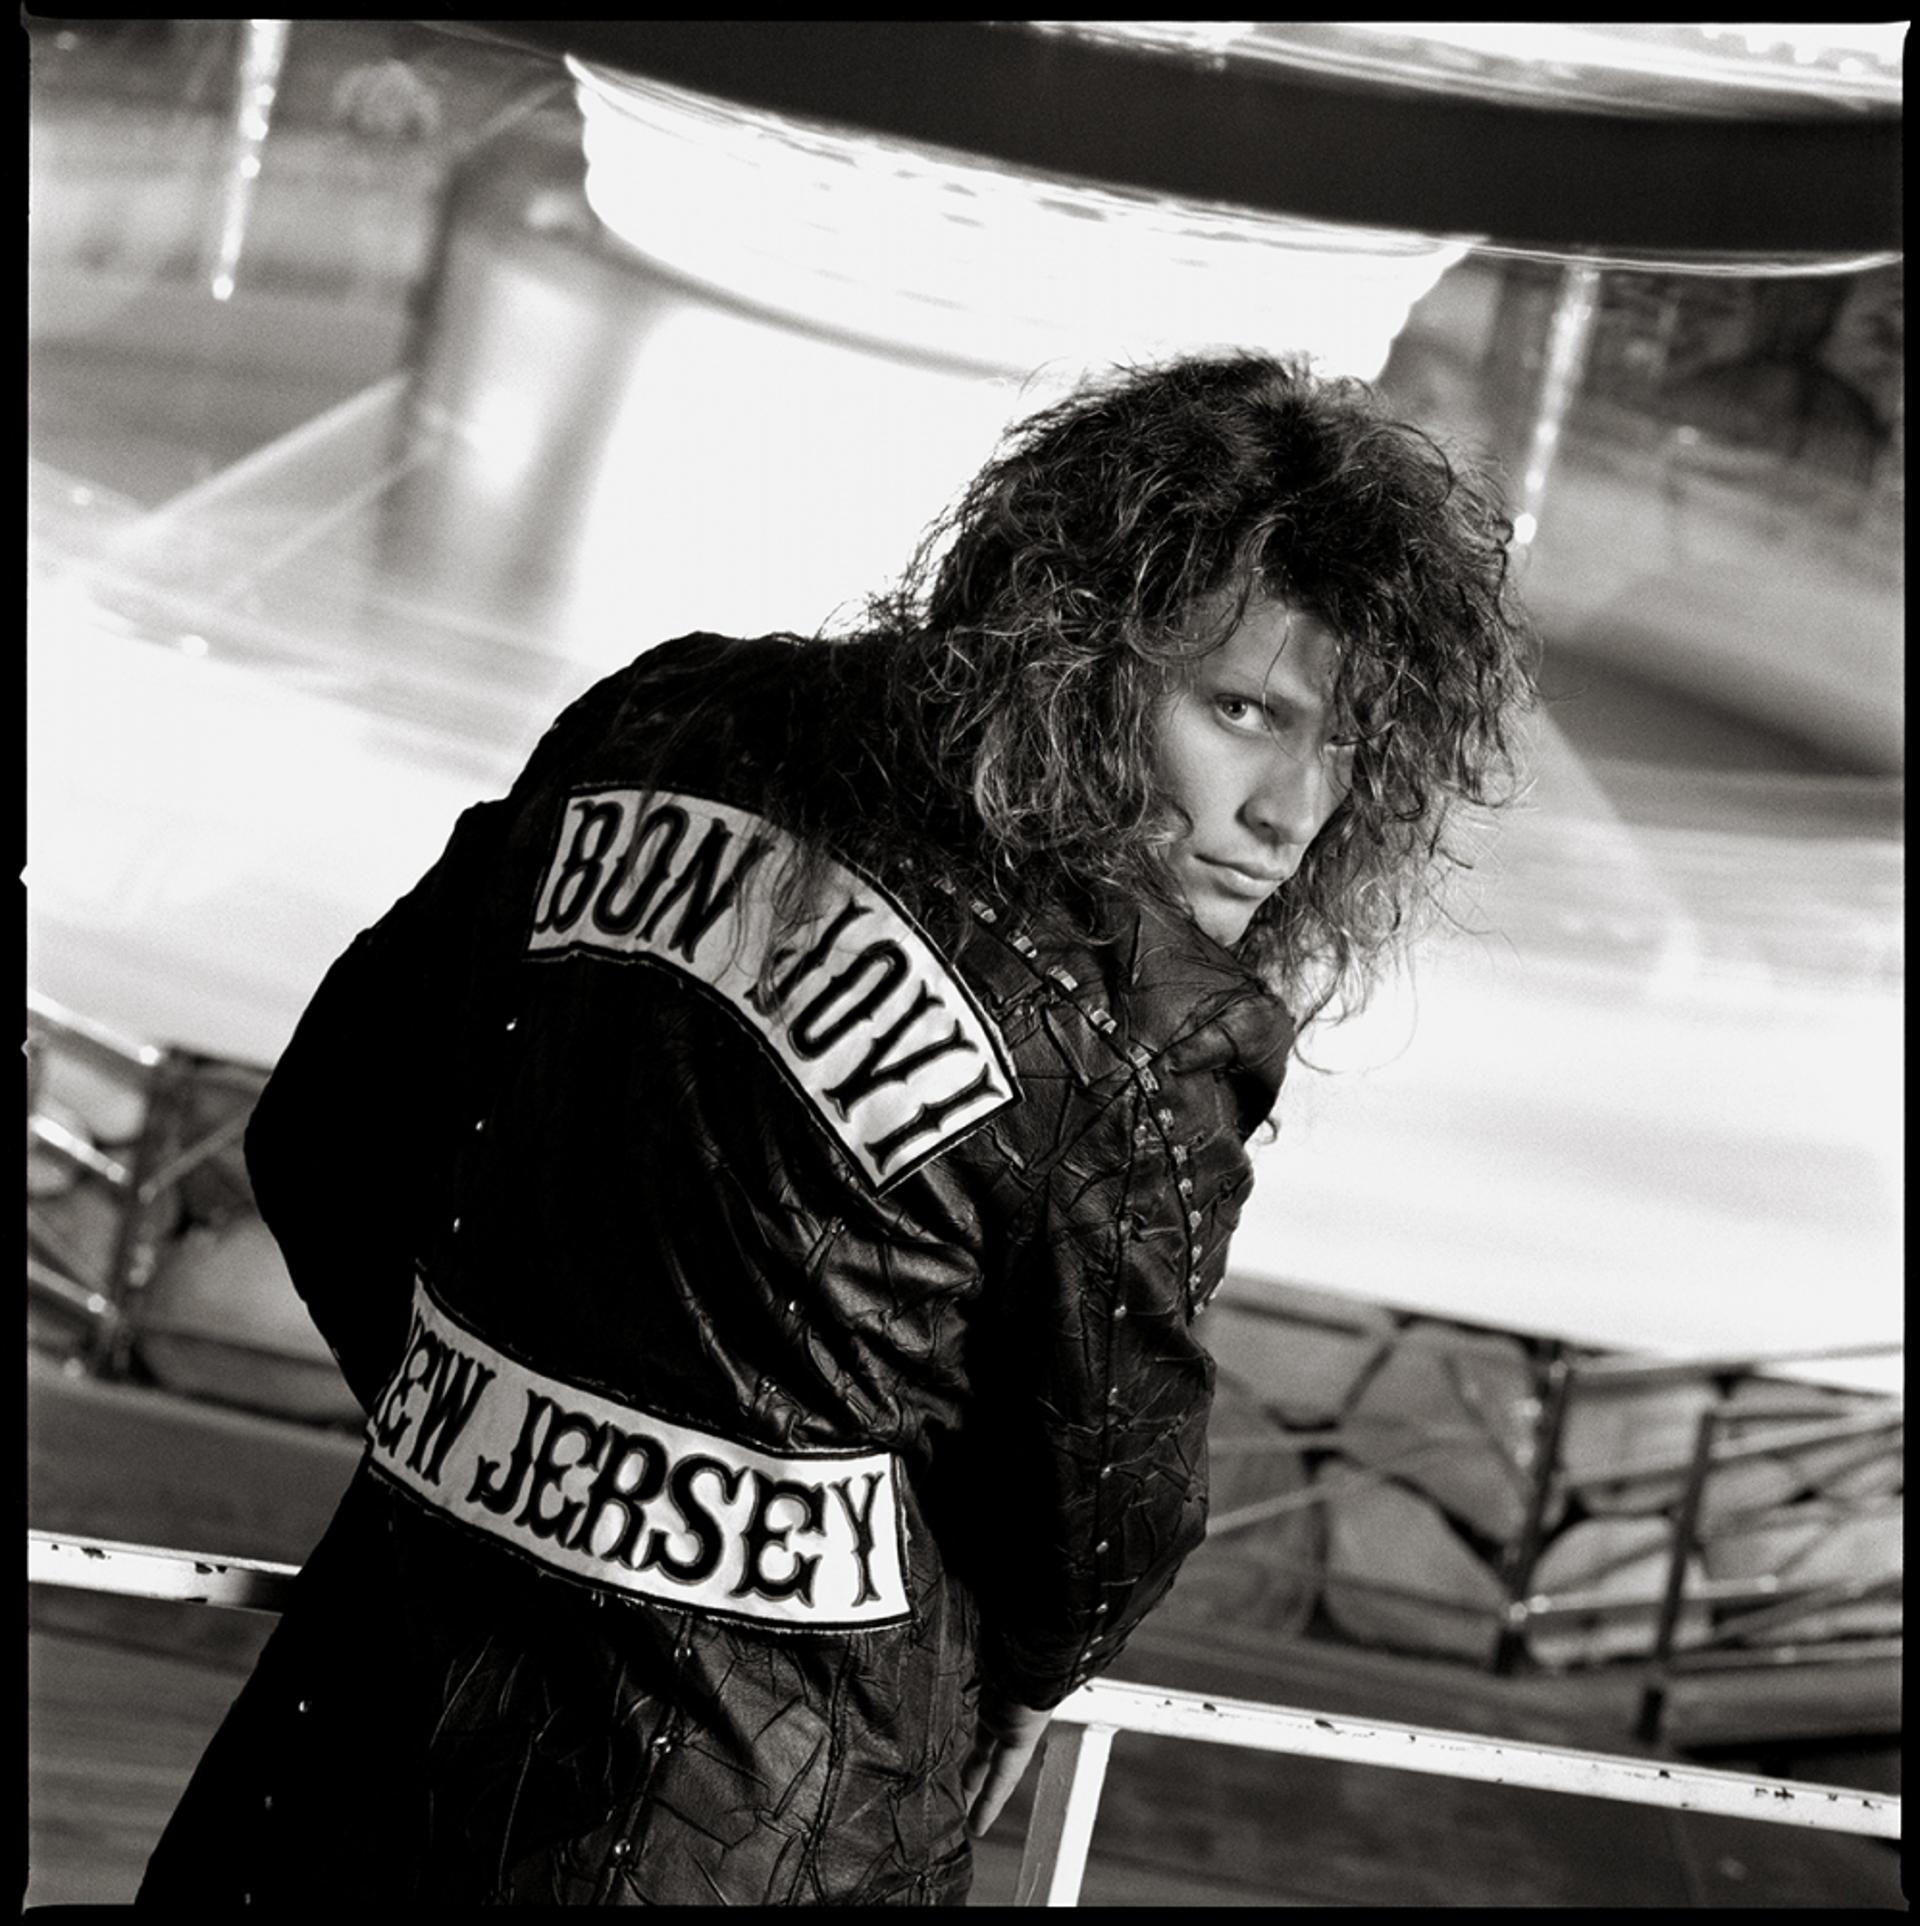 88130 Jon Bon Jovi Jacket BW by Timothy White